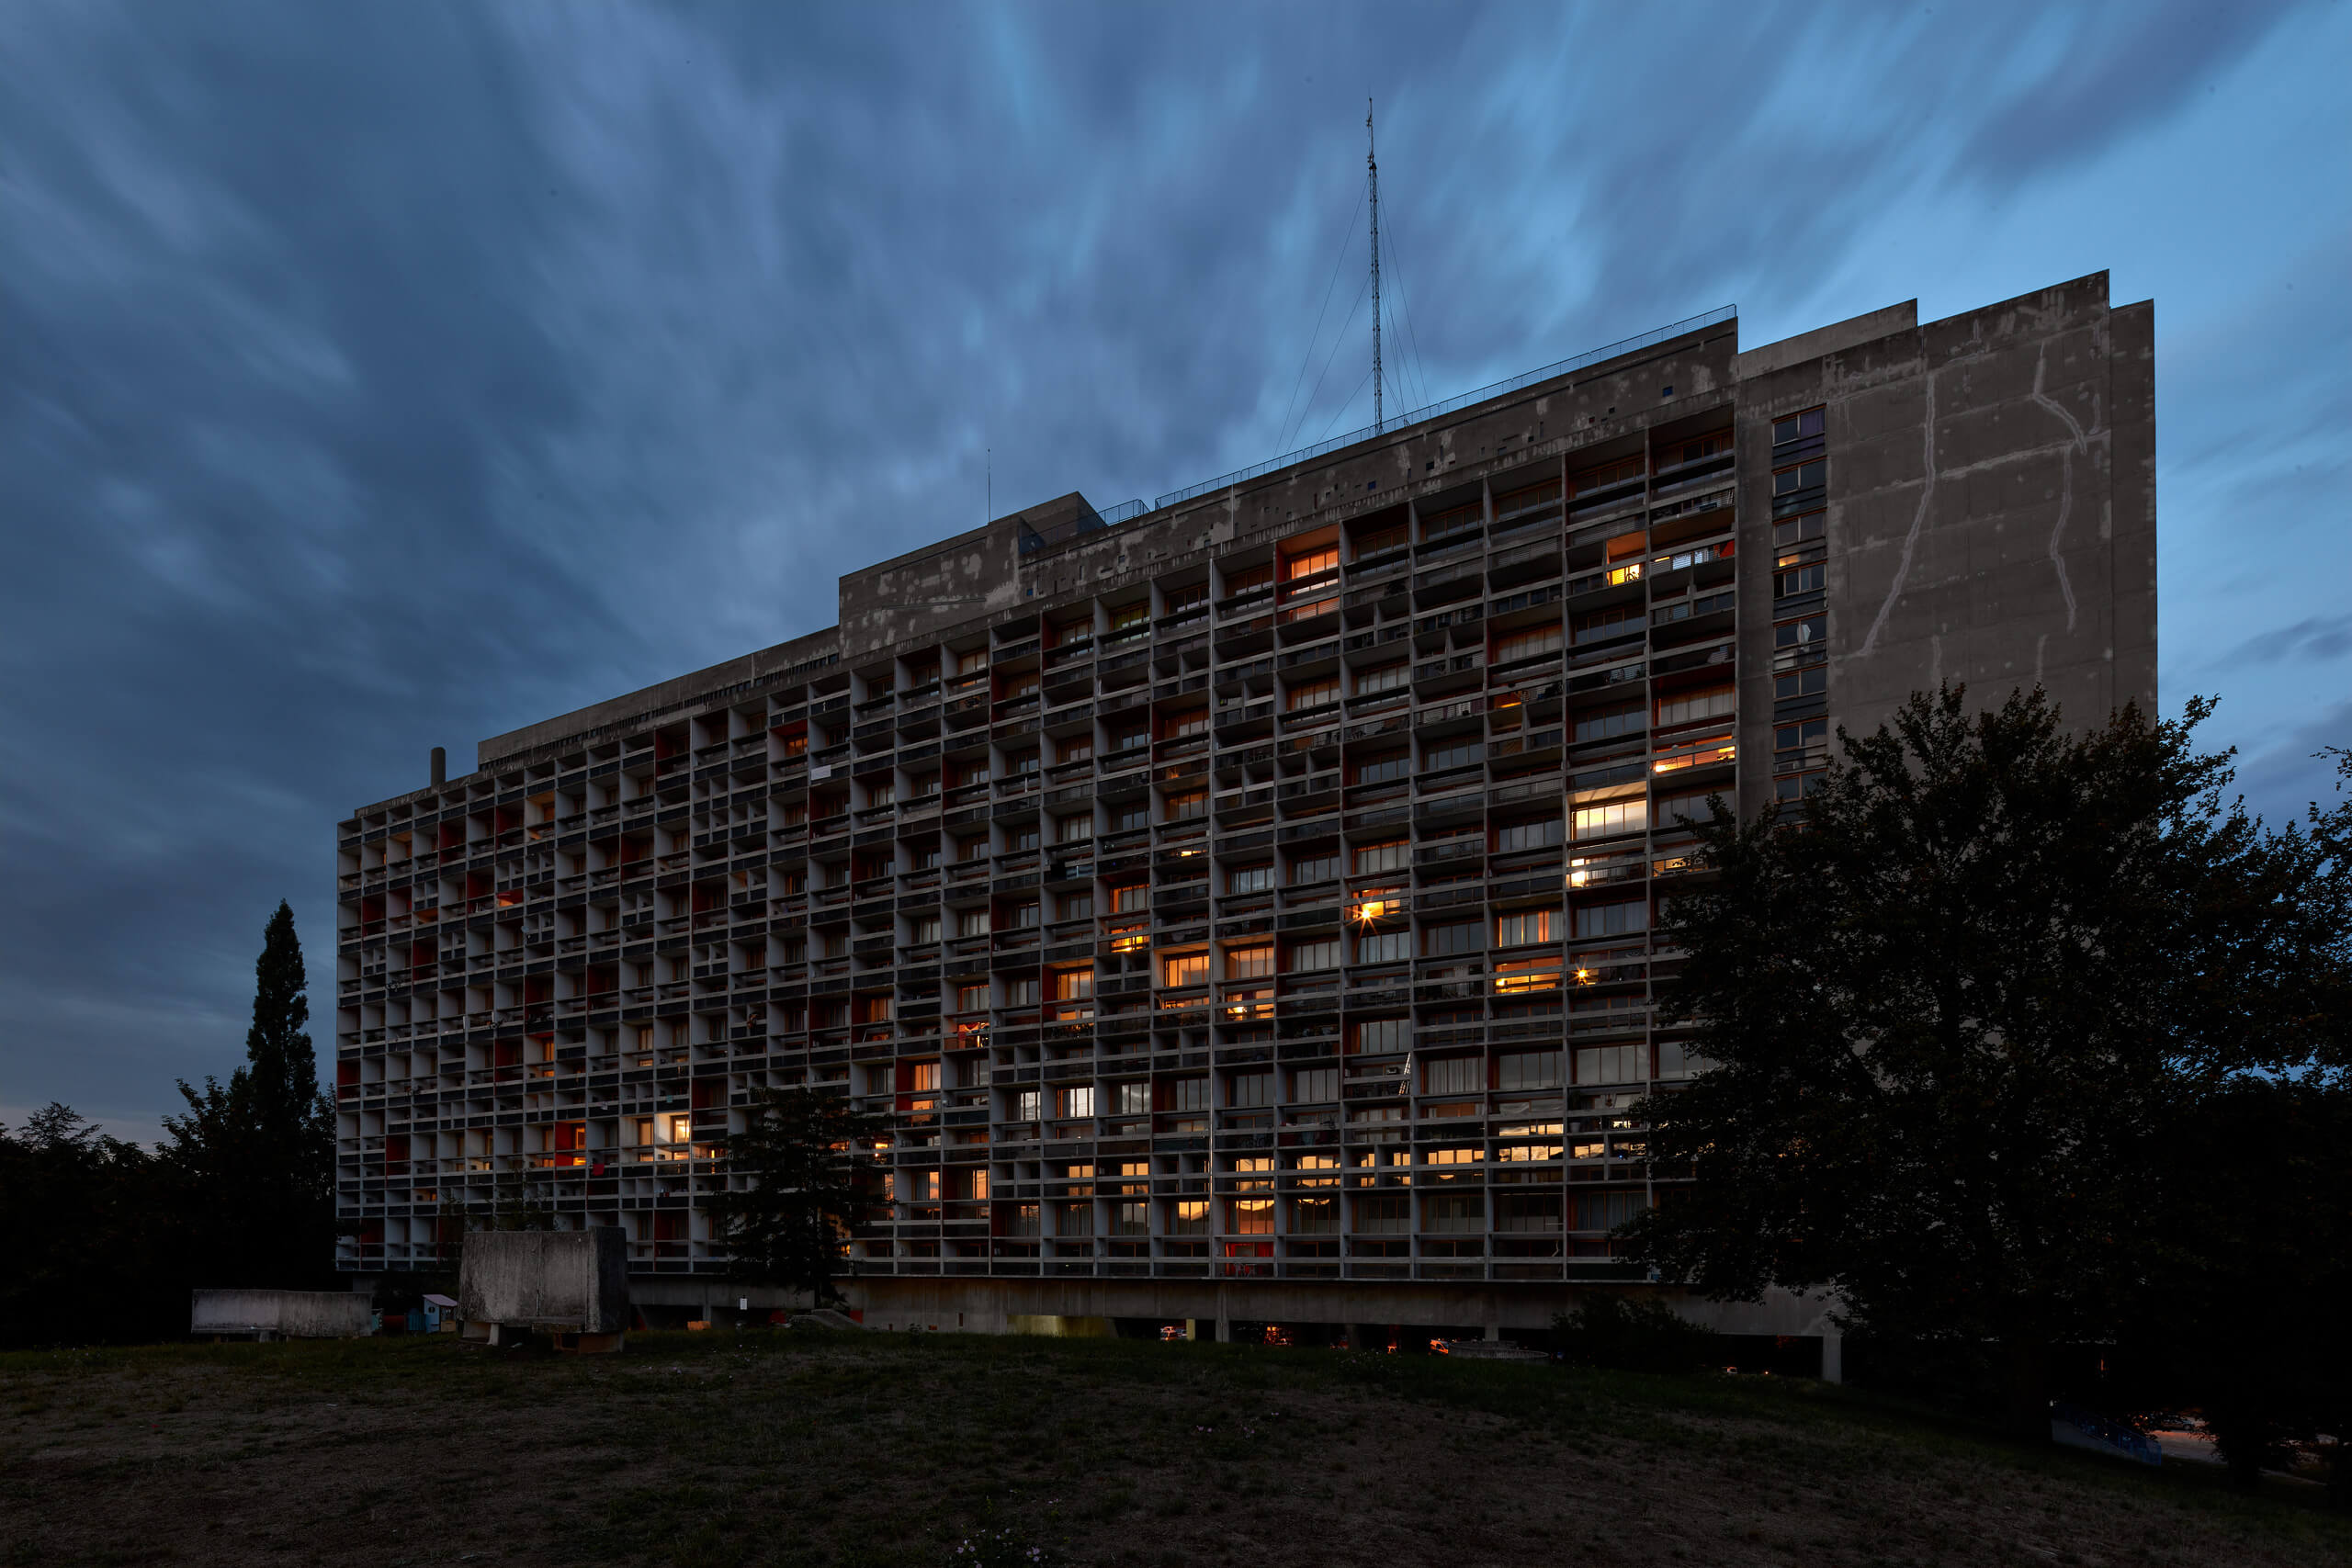 Federico_Covre_Unité_Firminy_Le_Corbusier_2018_74